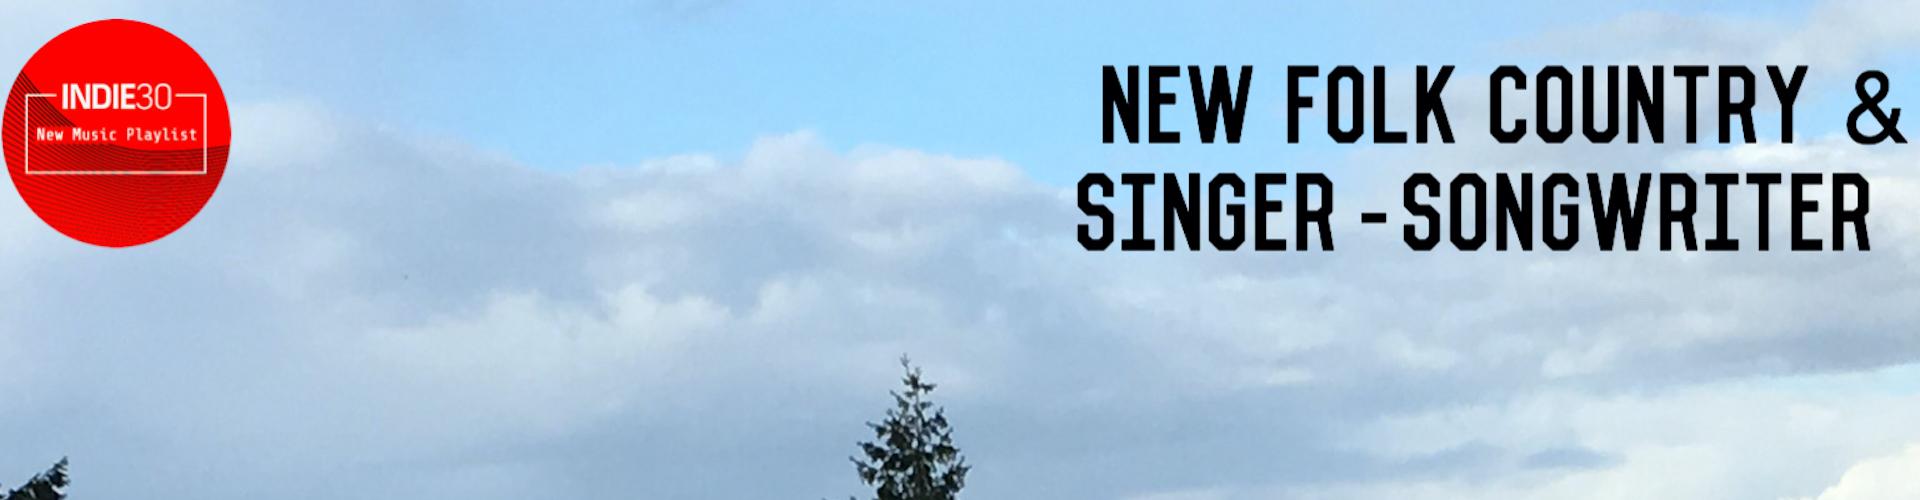 New-Folk-Country-Singer-Songwriter-Banner-1